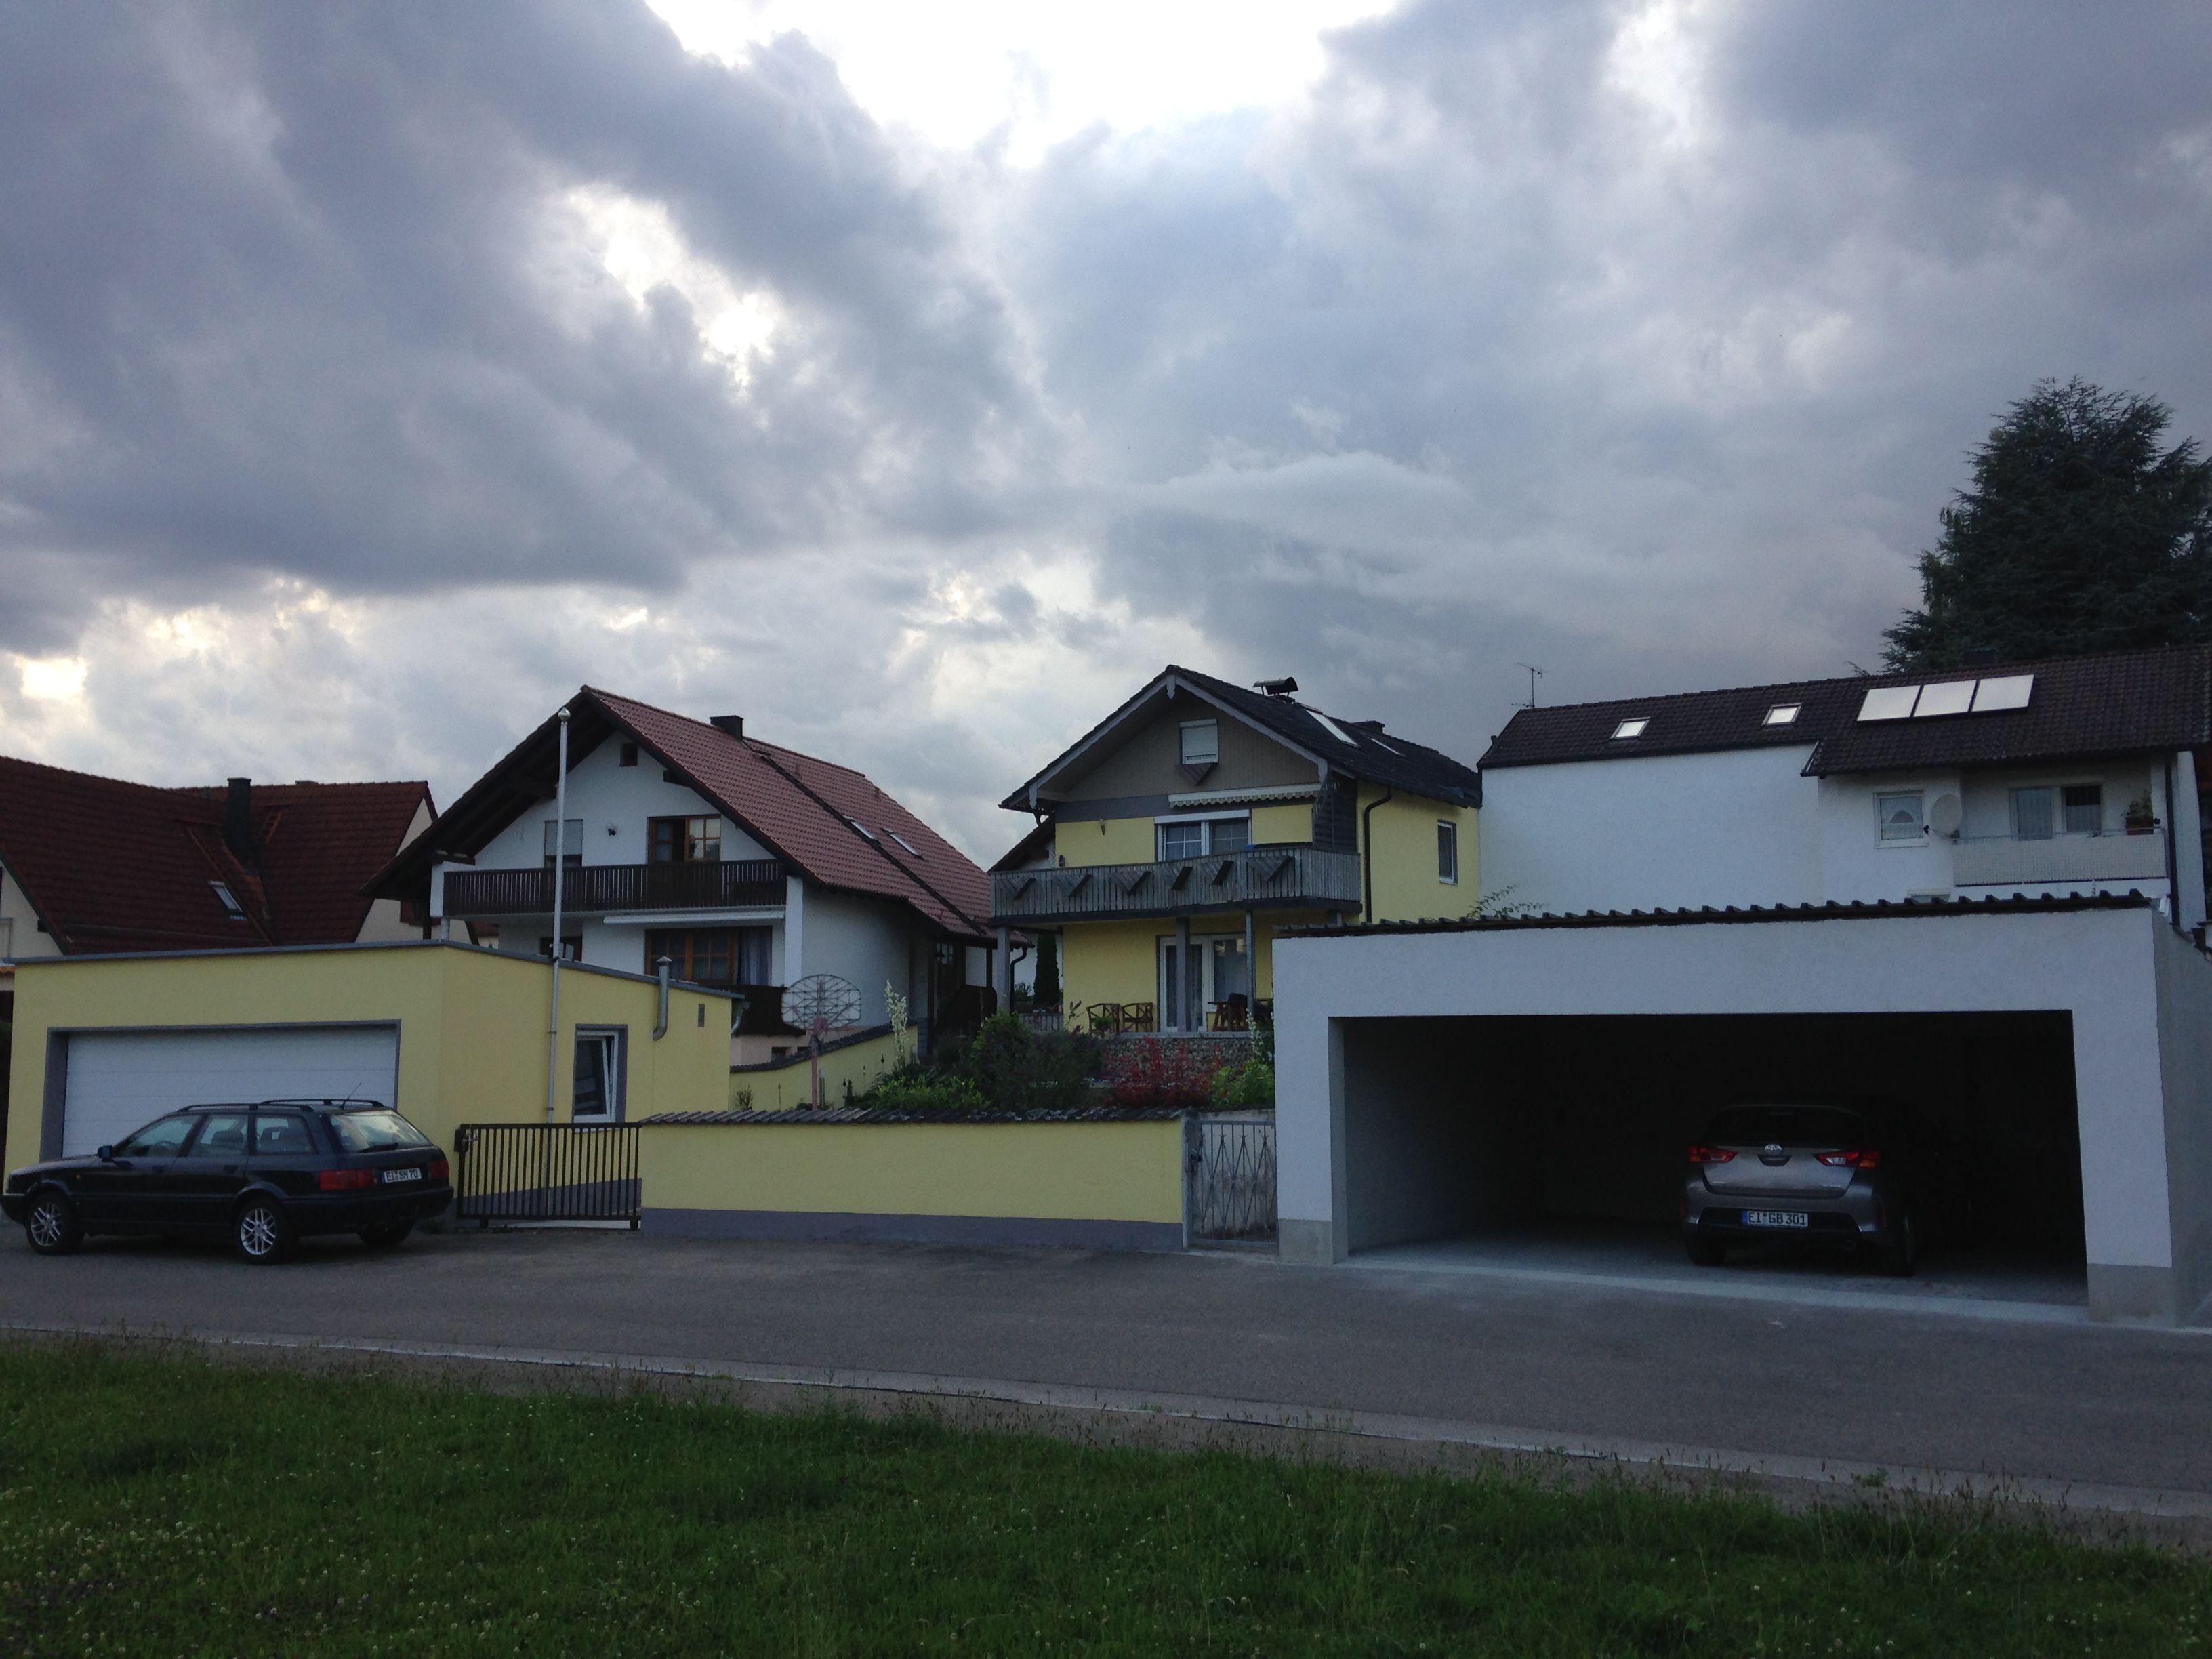 Grossmehring - Duitsland